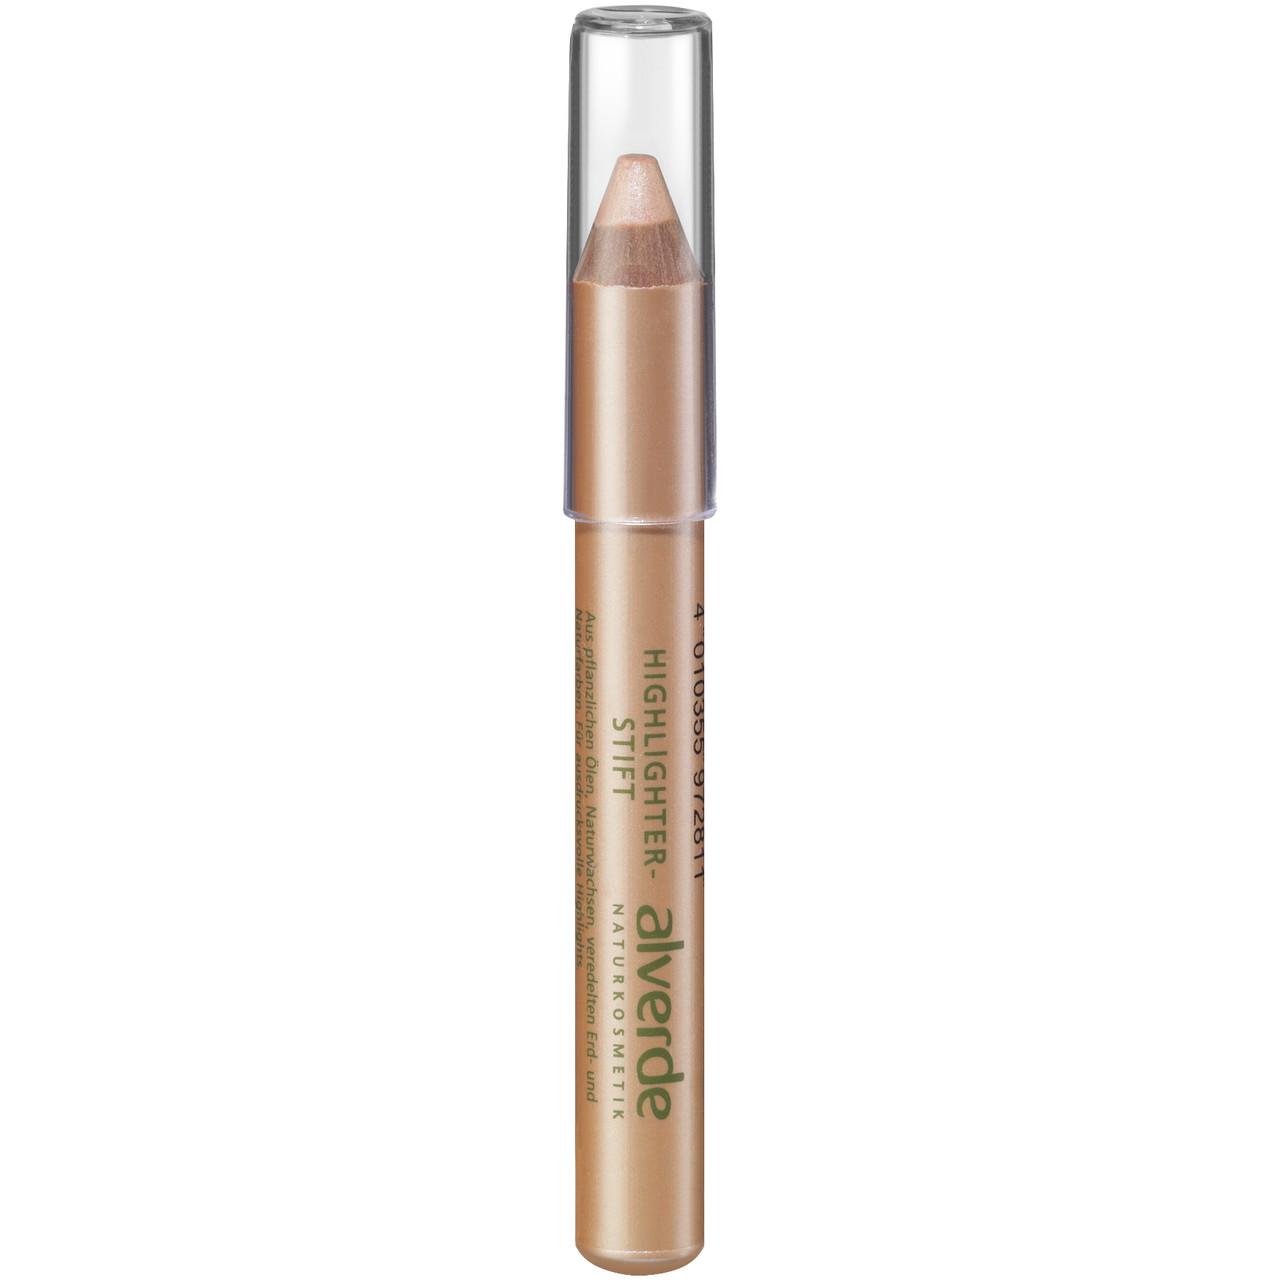 ★Highlighter-Stift★ Der cremig-apricotfarbene Ton mit goldenem Schimmer verleiht ausdrucksvolle Highlights. 2,1 g für 2,75 €